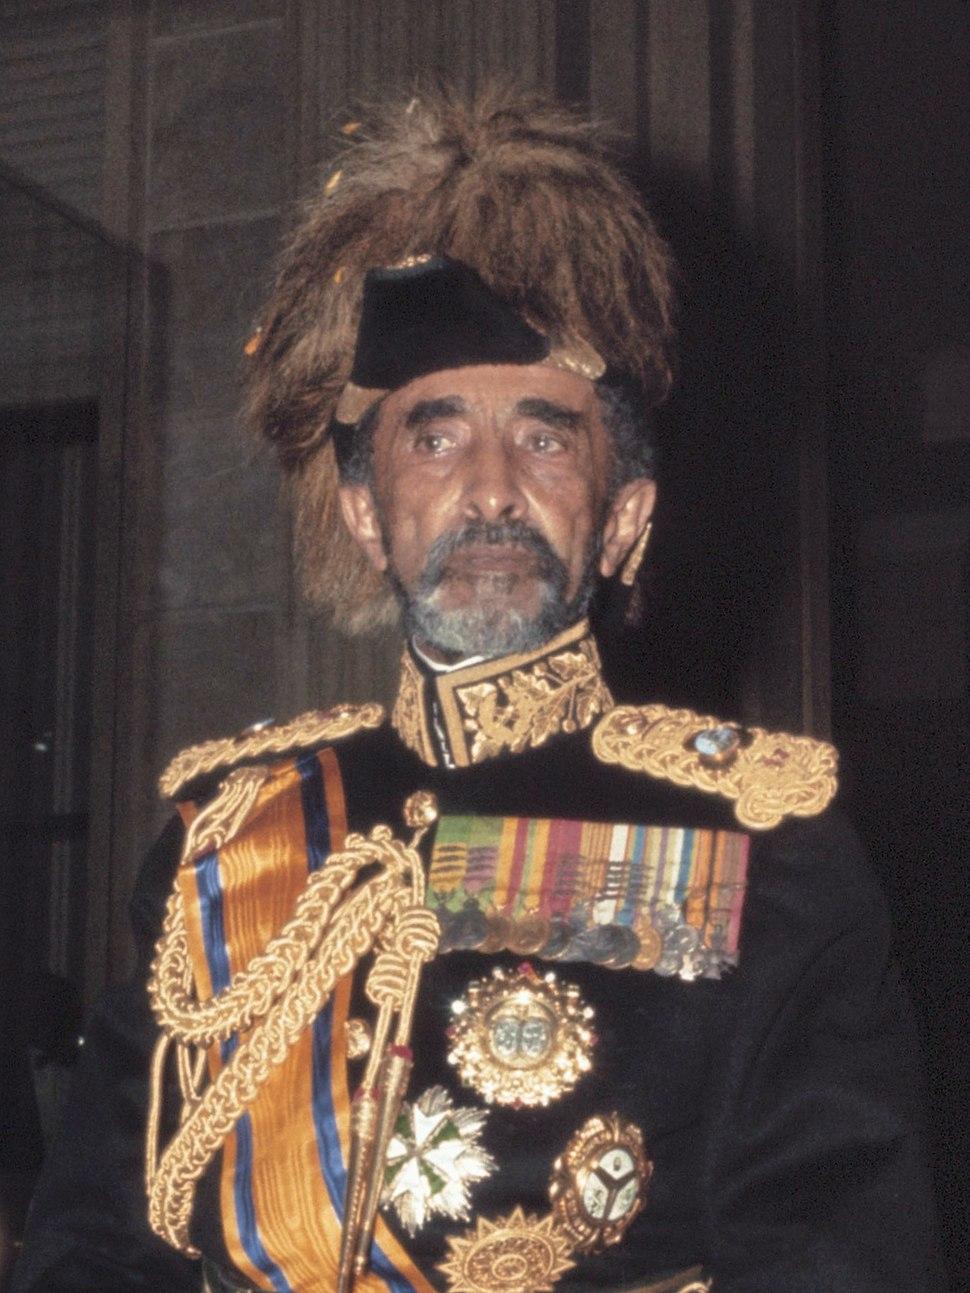 Haile Selassie (1969)